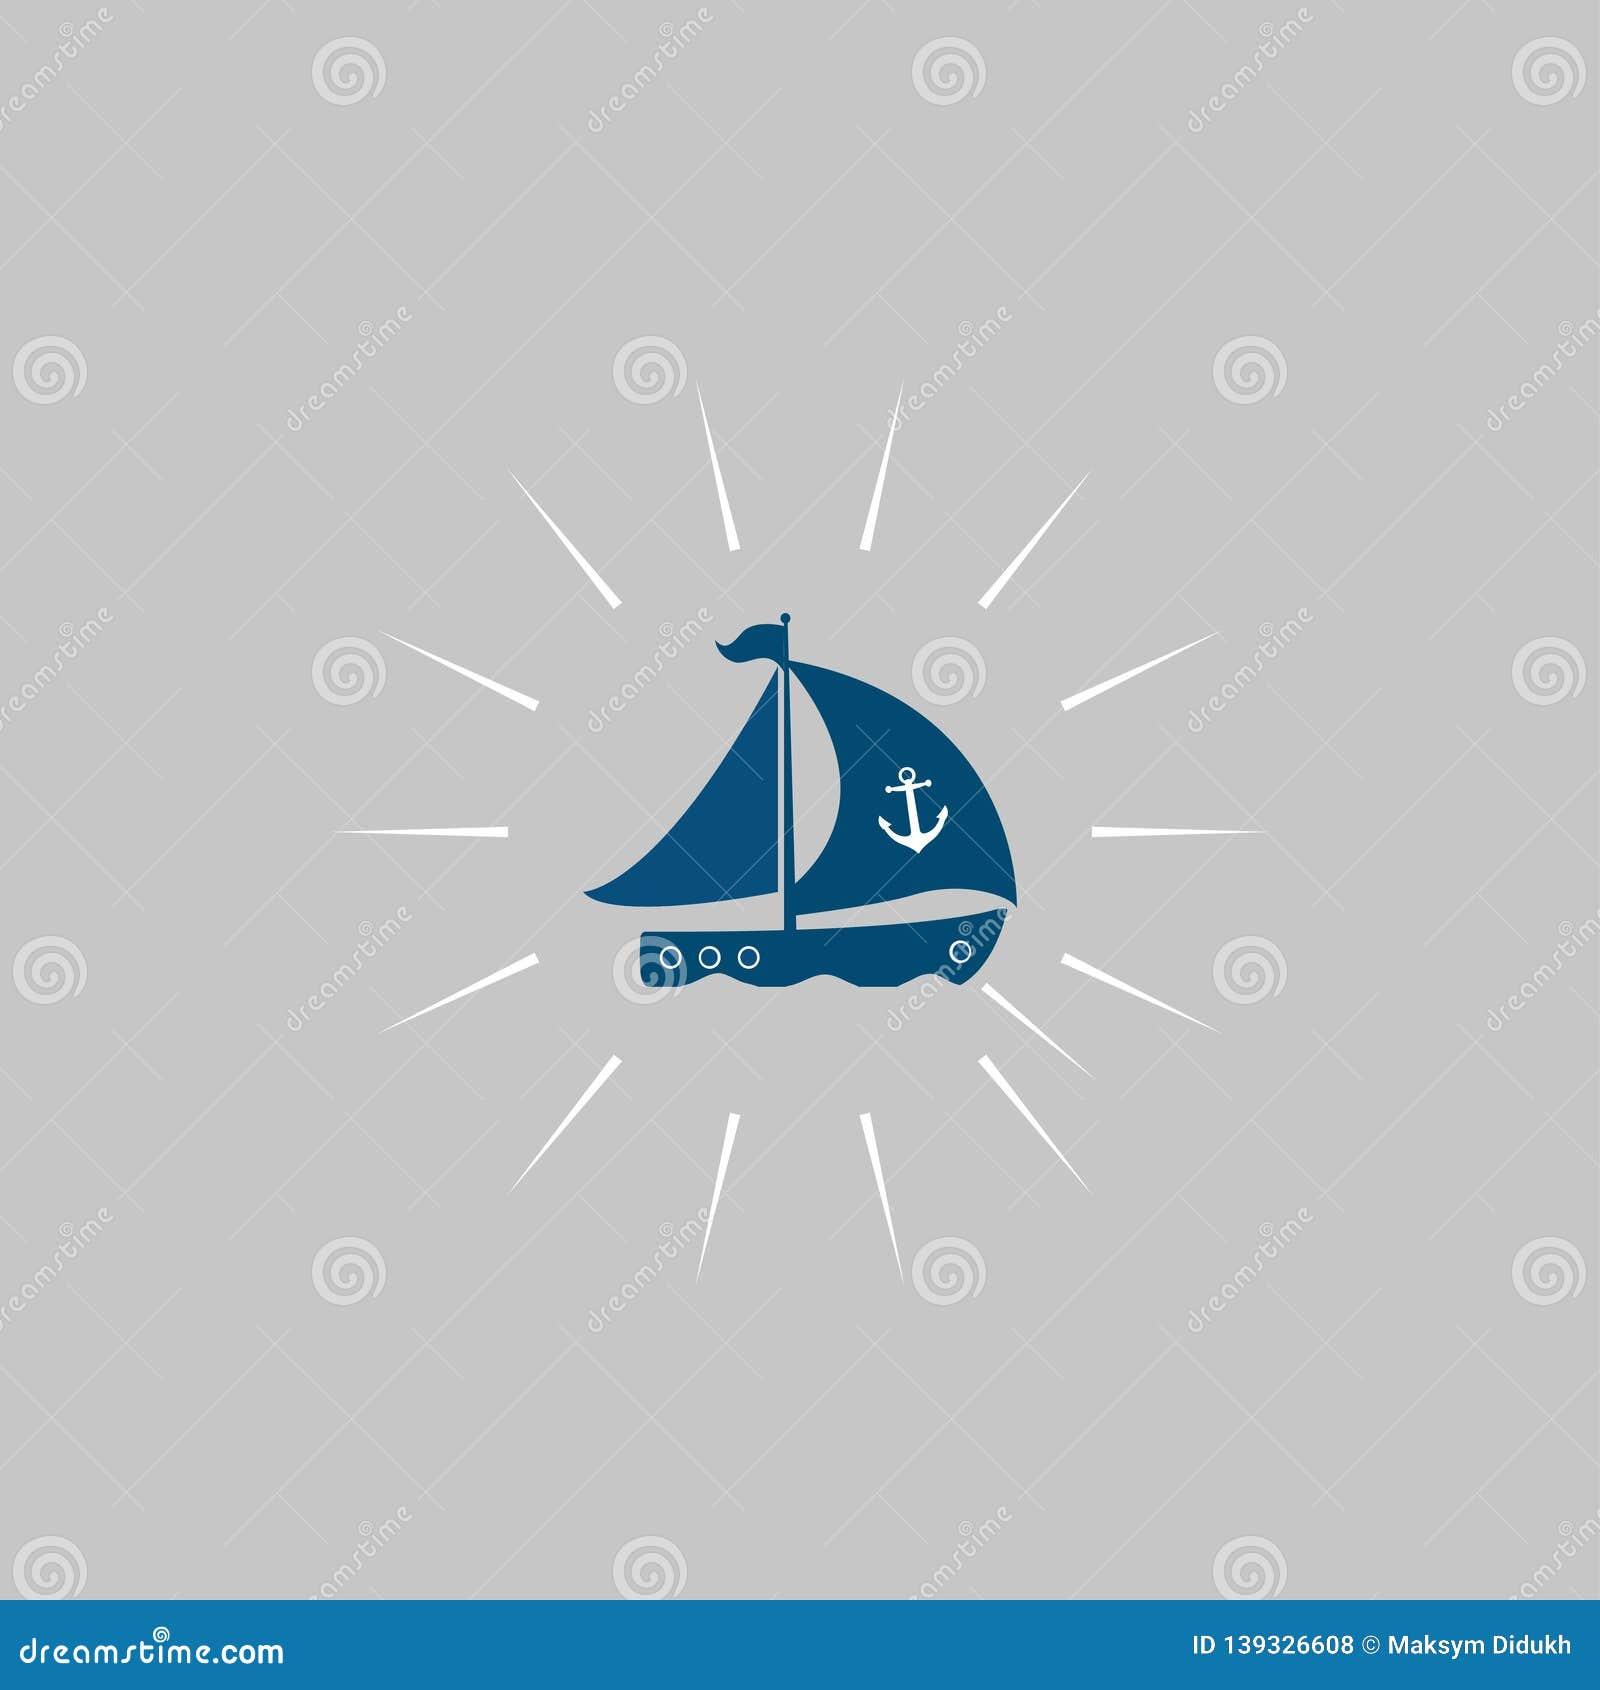 Ships at sea. Ships icon. Vector illustration. EPS 10